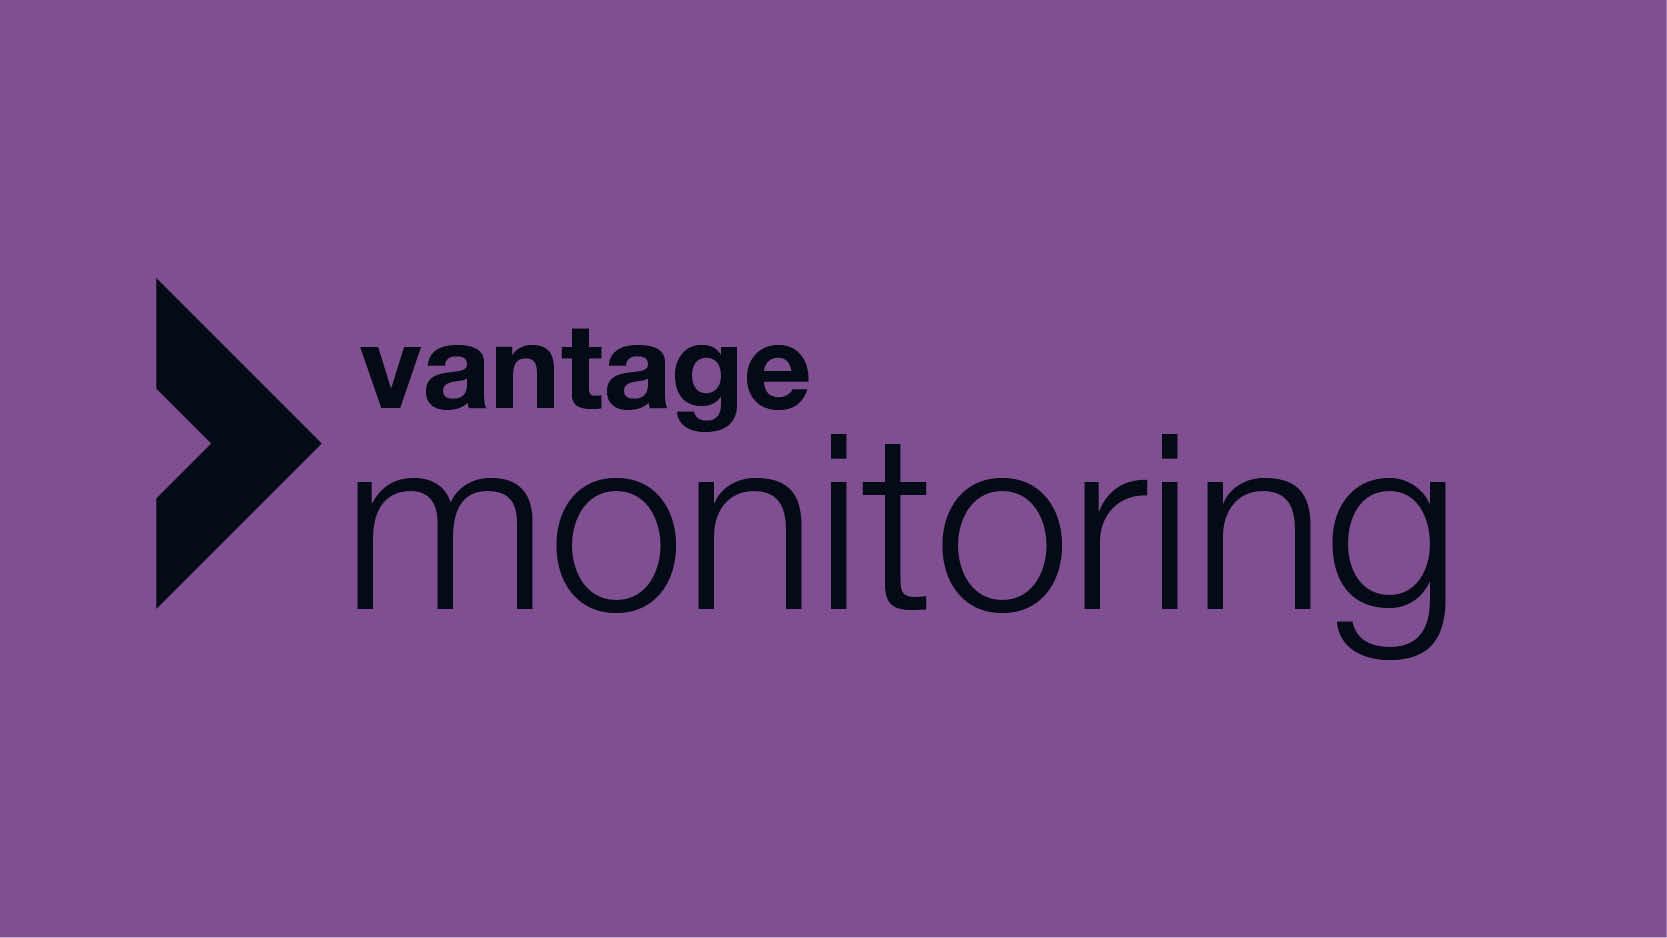 VANTAGE Monitoring